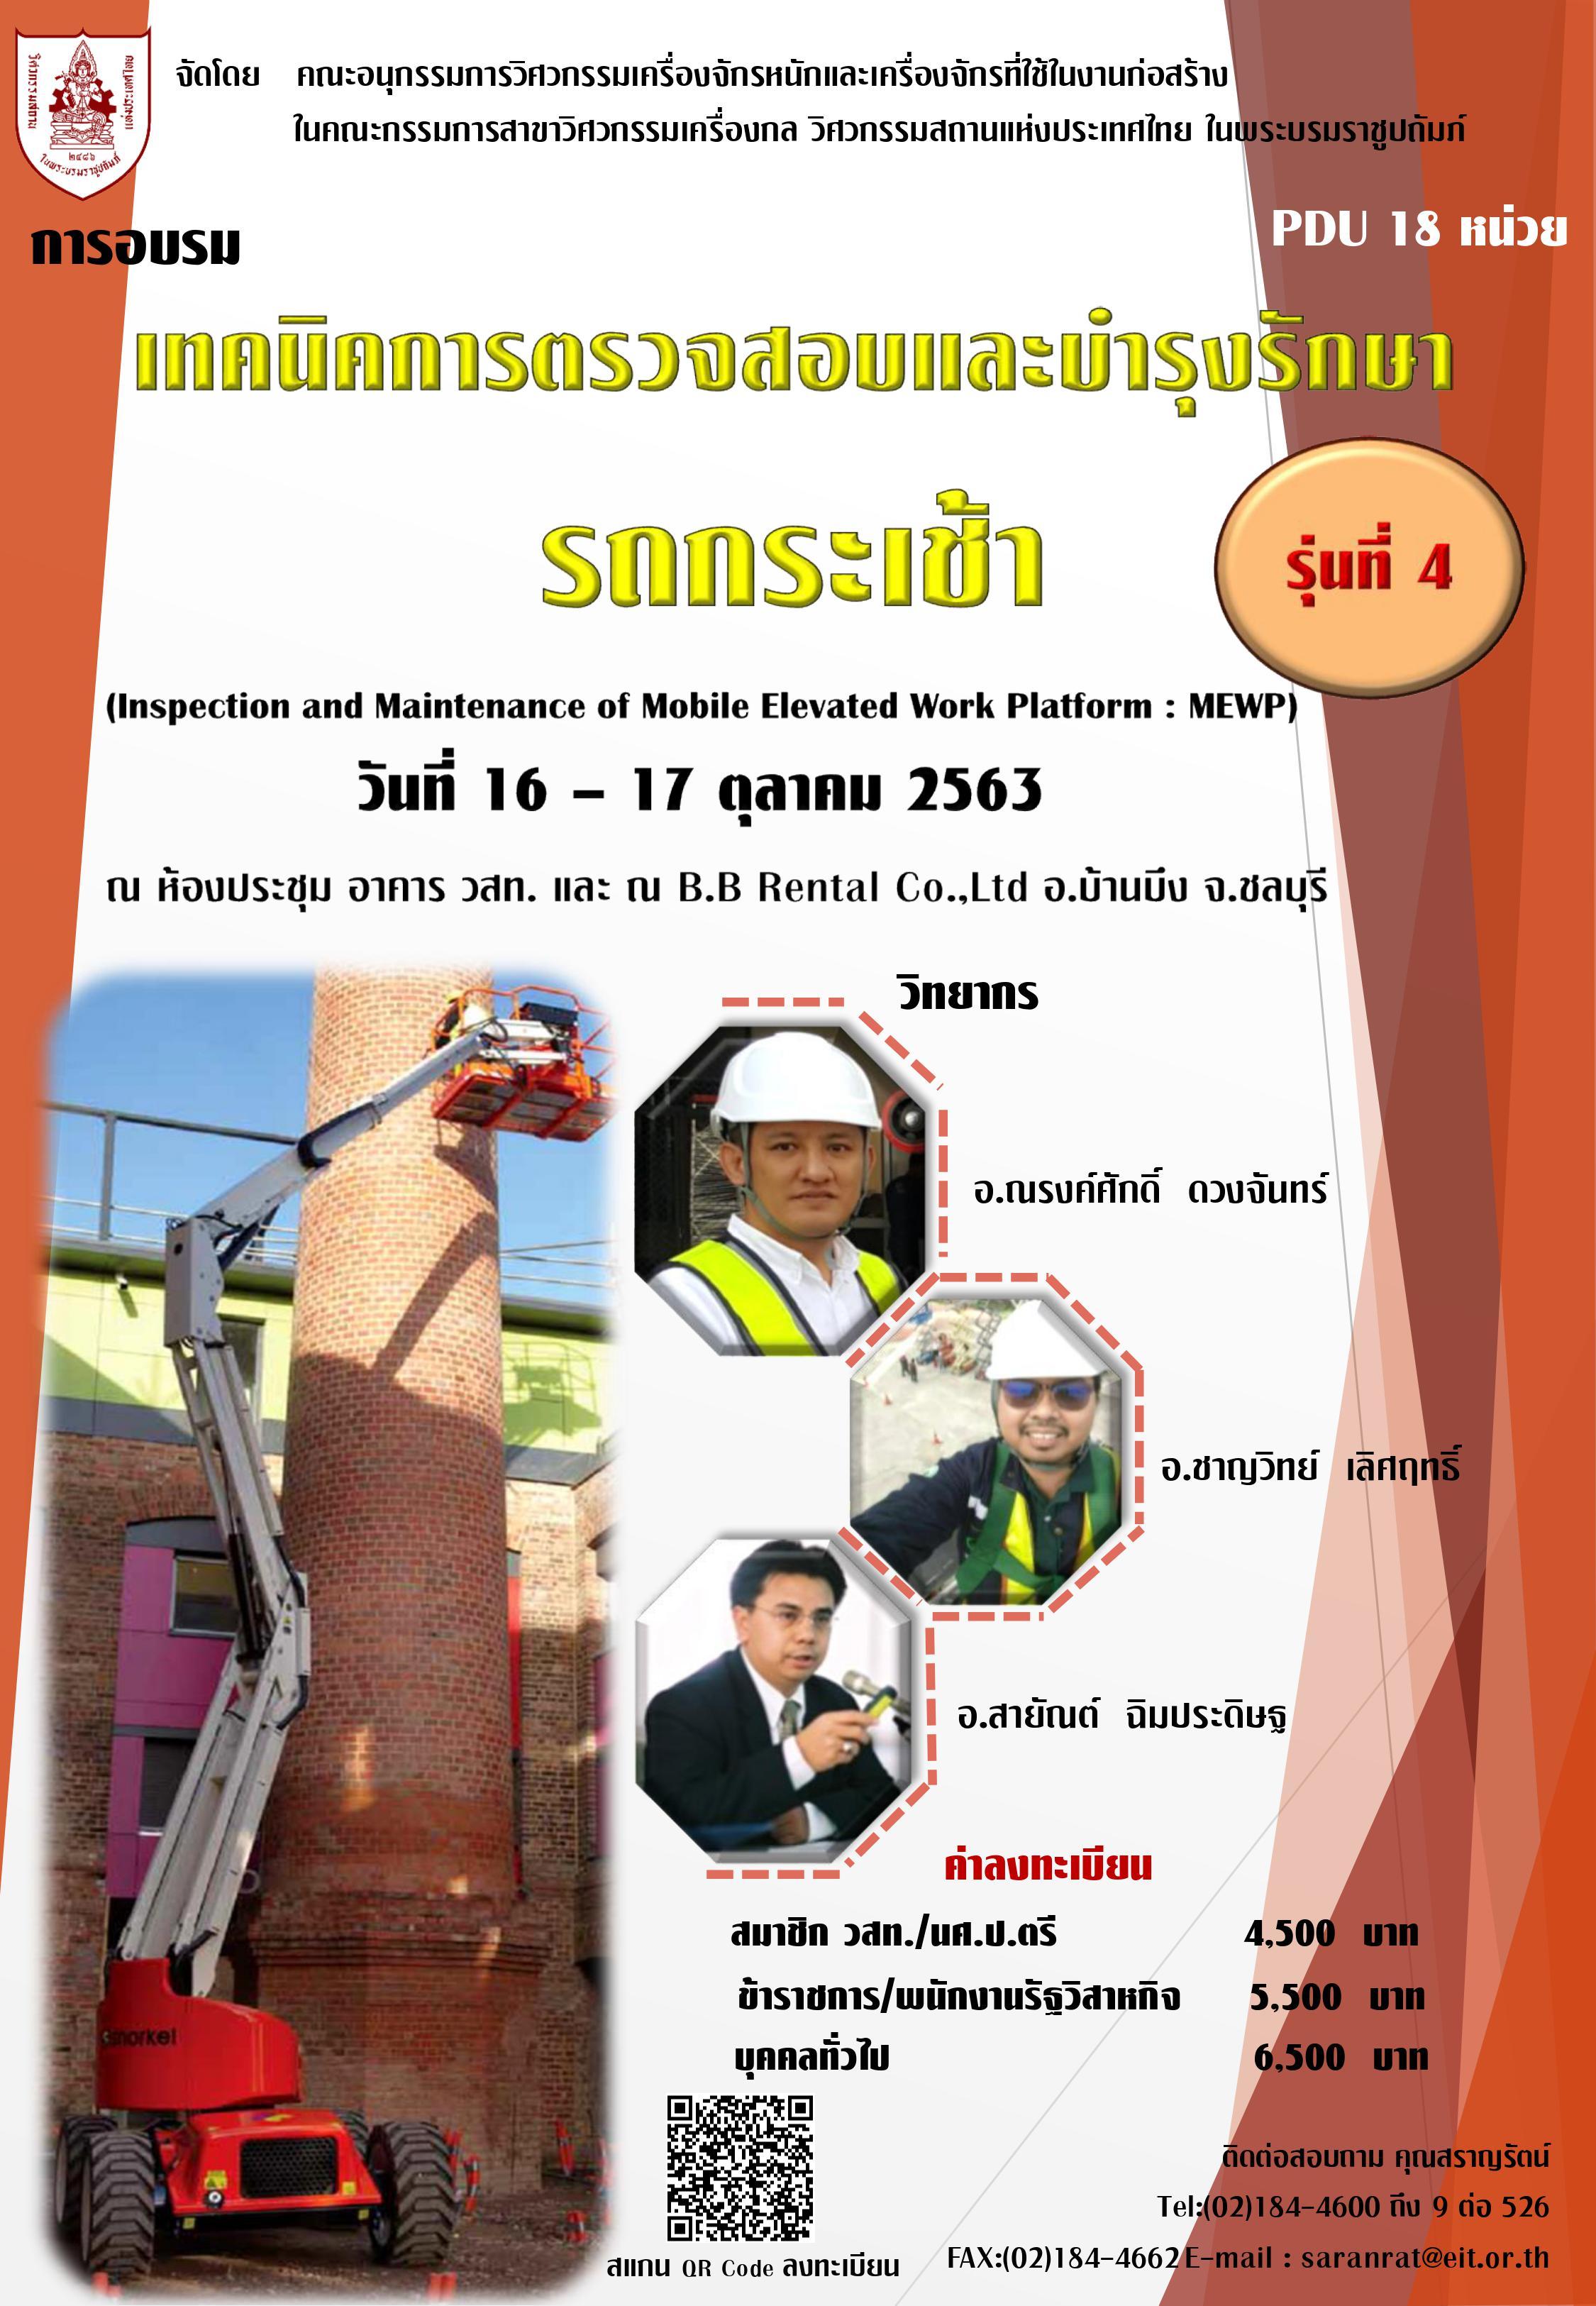 16-17/10/2563 โครงการอบรมเชิงปฏิบัติการเรื่อง เทคนิคการตรวจสอบและบำรุงรักษา รถกระเช้า (Inspection and Maintenance of Mobile Elevated Work Platform ; MEWP) รุ่นที่ 4